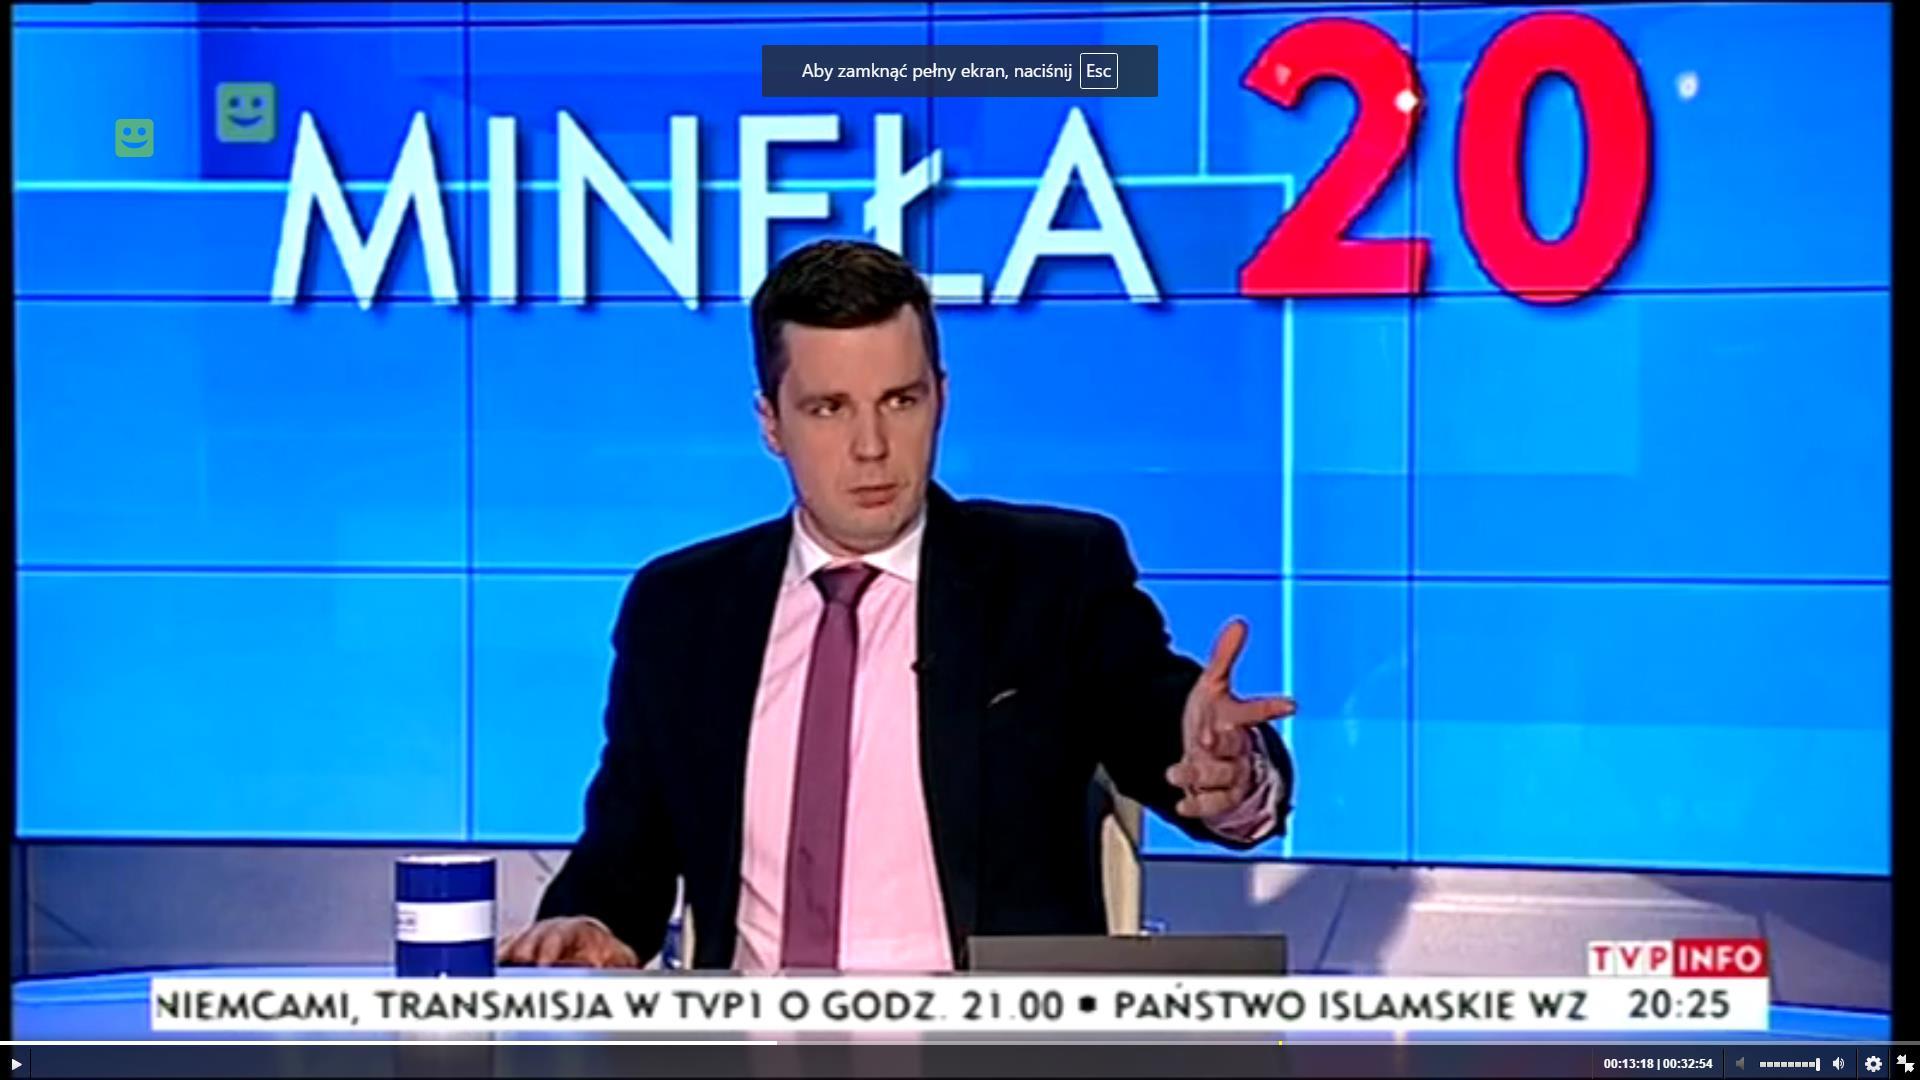 minela20